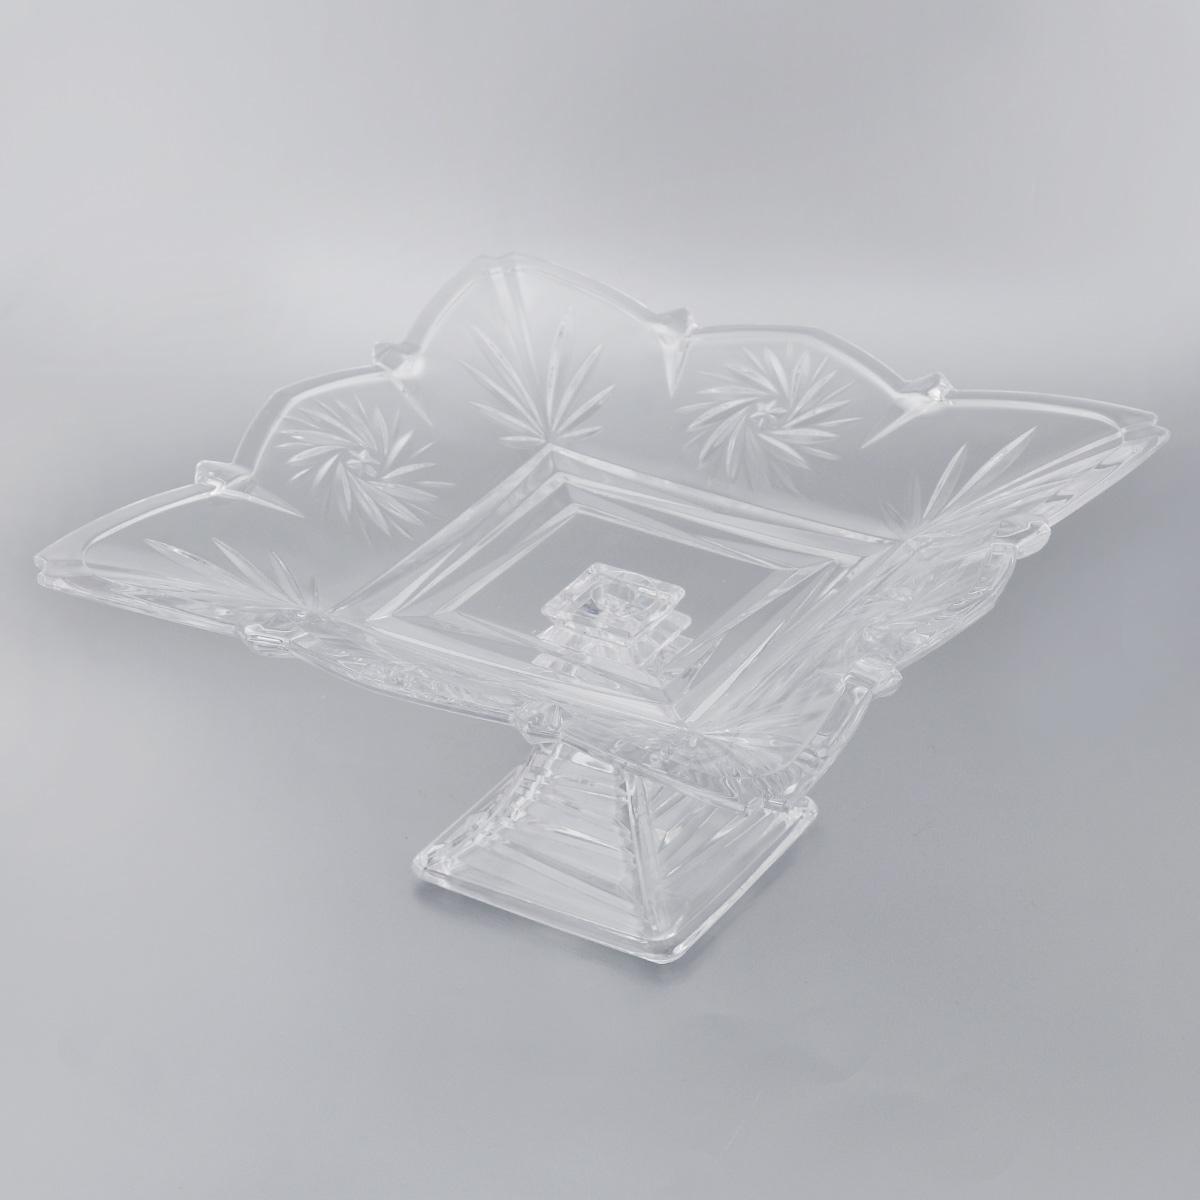 Конфетница на ножке Soga Picasso, 30 х 30 смZ4286WЭлегантная конфетница Soga Picasso на ножке, изготовленная из прочного стекла, имеет многогранную рельефную поверхность. Конфетница предназначена для красивой сервировки сладостей. Изделие придется по вкусу и ценителям классики, и тем, кто предпочитает утонченность и изящность. Конфетница Soga Picasso украсит сервировку вашего стола и подчеркнет прекрасный вкус хозяина, а также станет отличным подарком. Можно мыть в посудомоечной машине. Размер по верхнему краю: 30 х 30 см. Высота: 15,5 см.